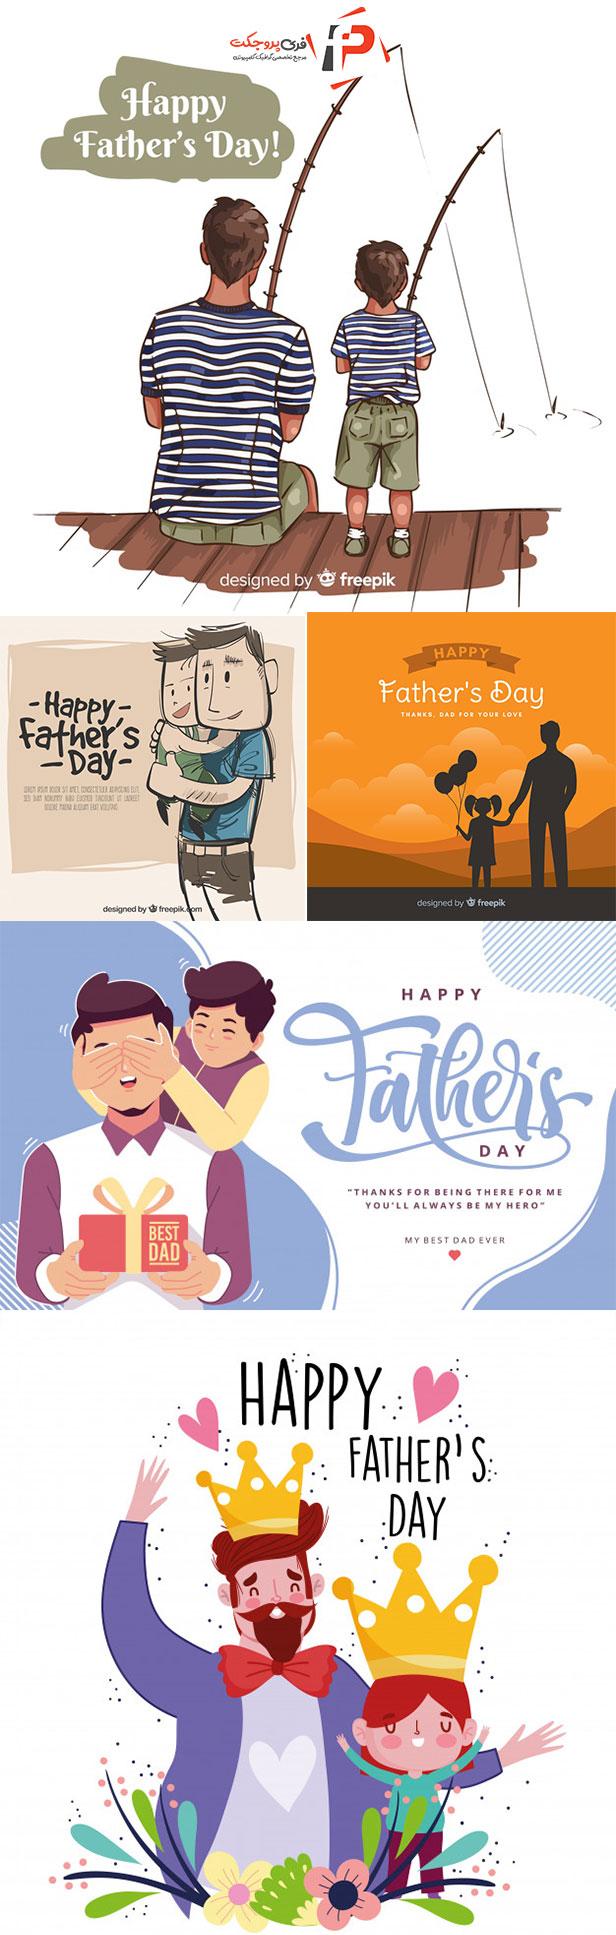 وکتور پریمیوم از freepik برای روز پدر